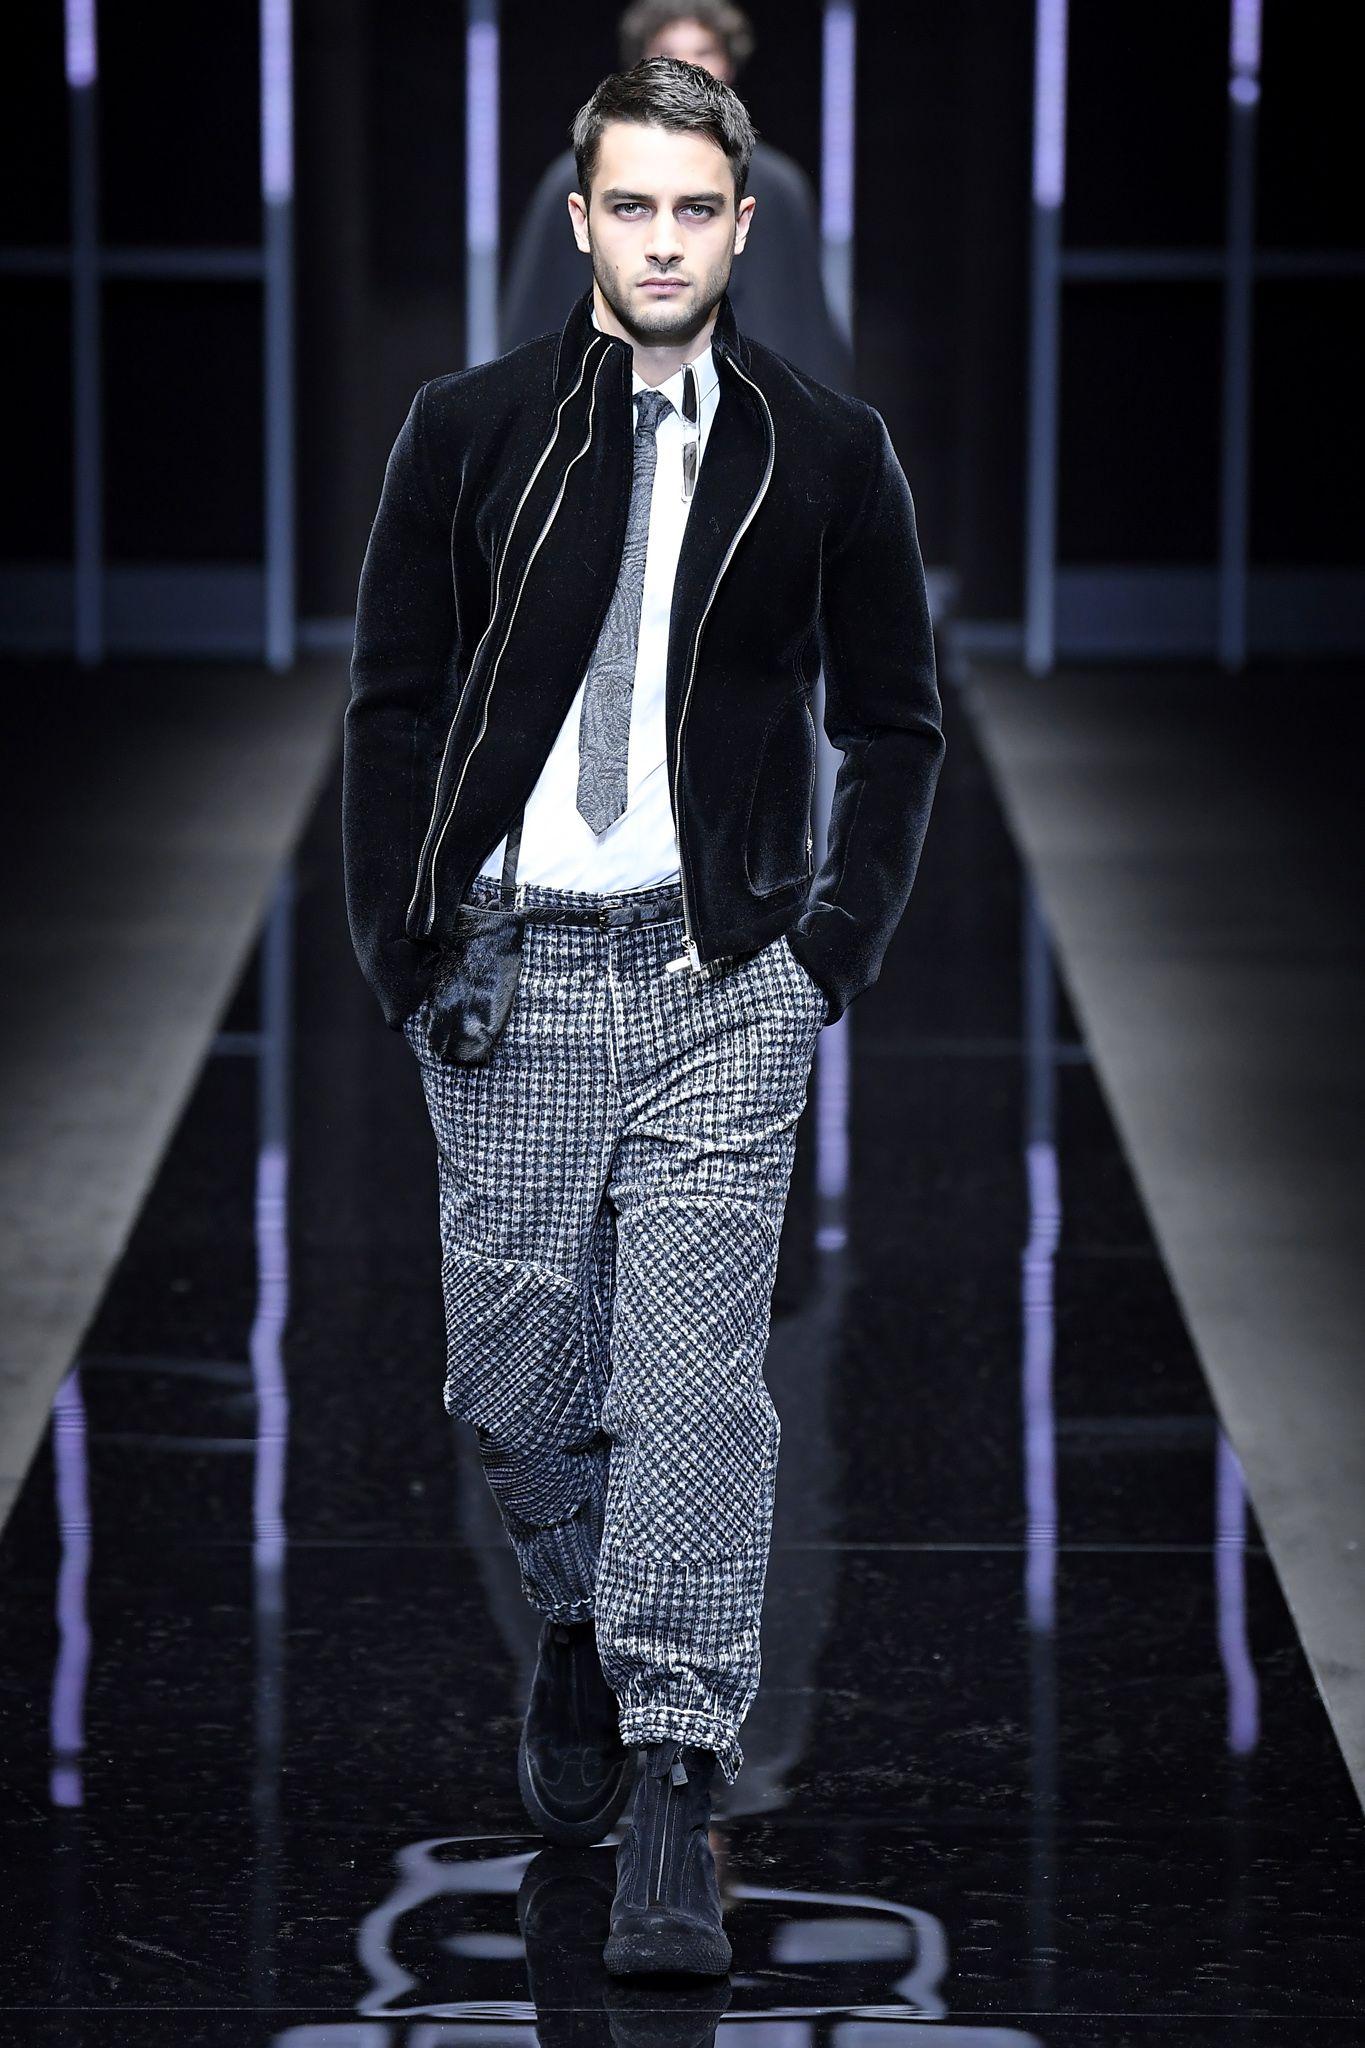 b5c4984c Emporio Armani Men's Fall 2019 | Style | Winter fashion casual ...